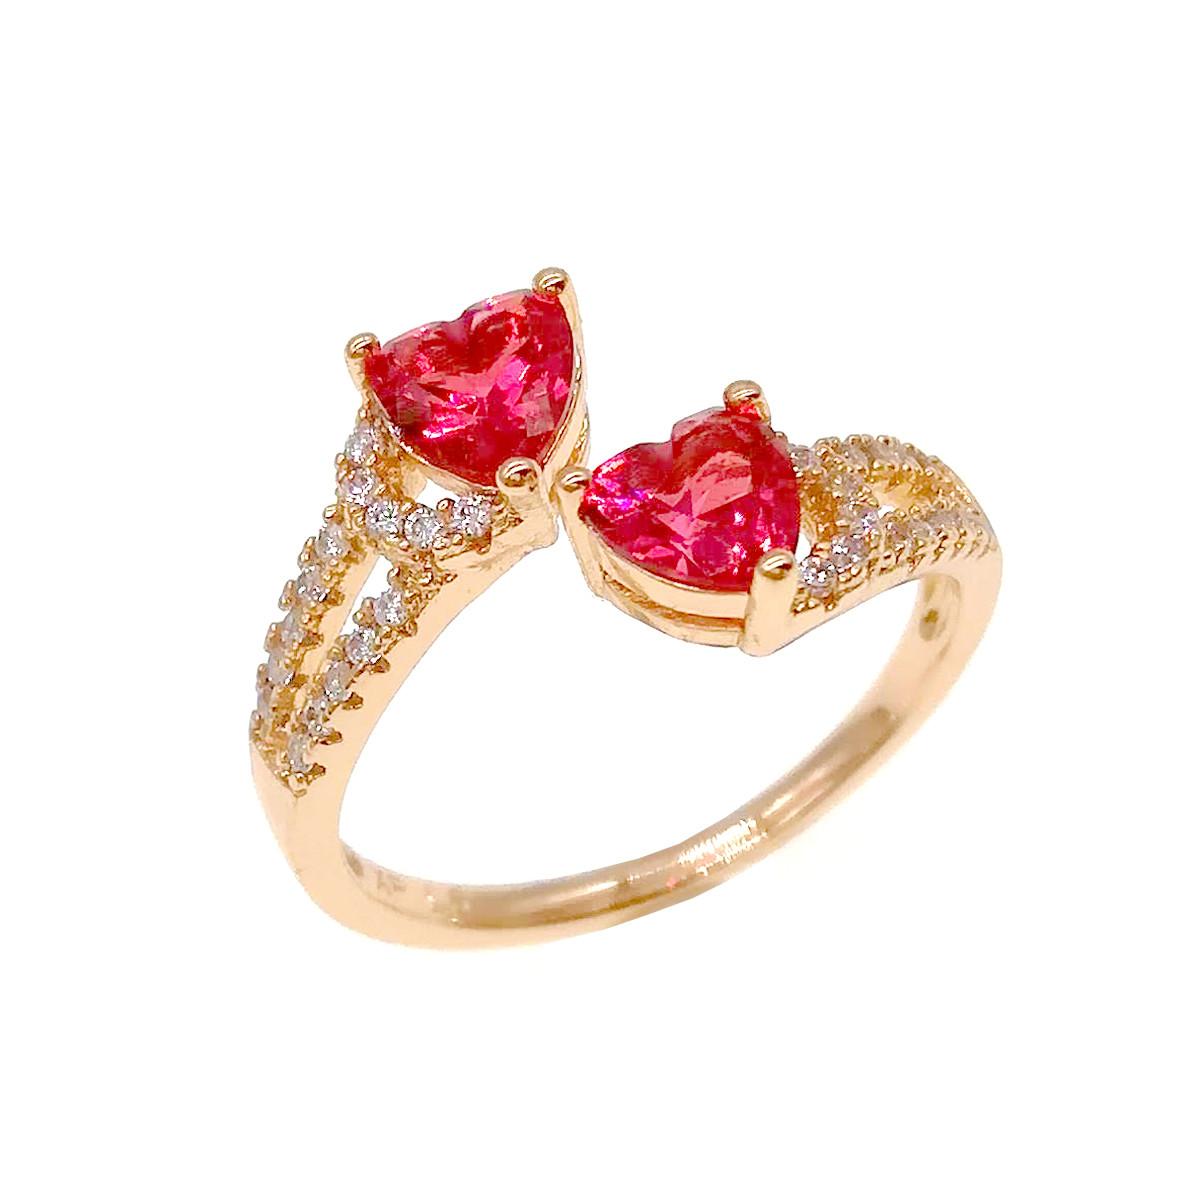 Кольцо Xuping из медицинского золота, красные и белые фианиты, позолота 18К, 11820       (Безрозмірна)